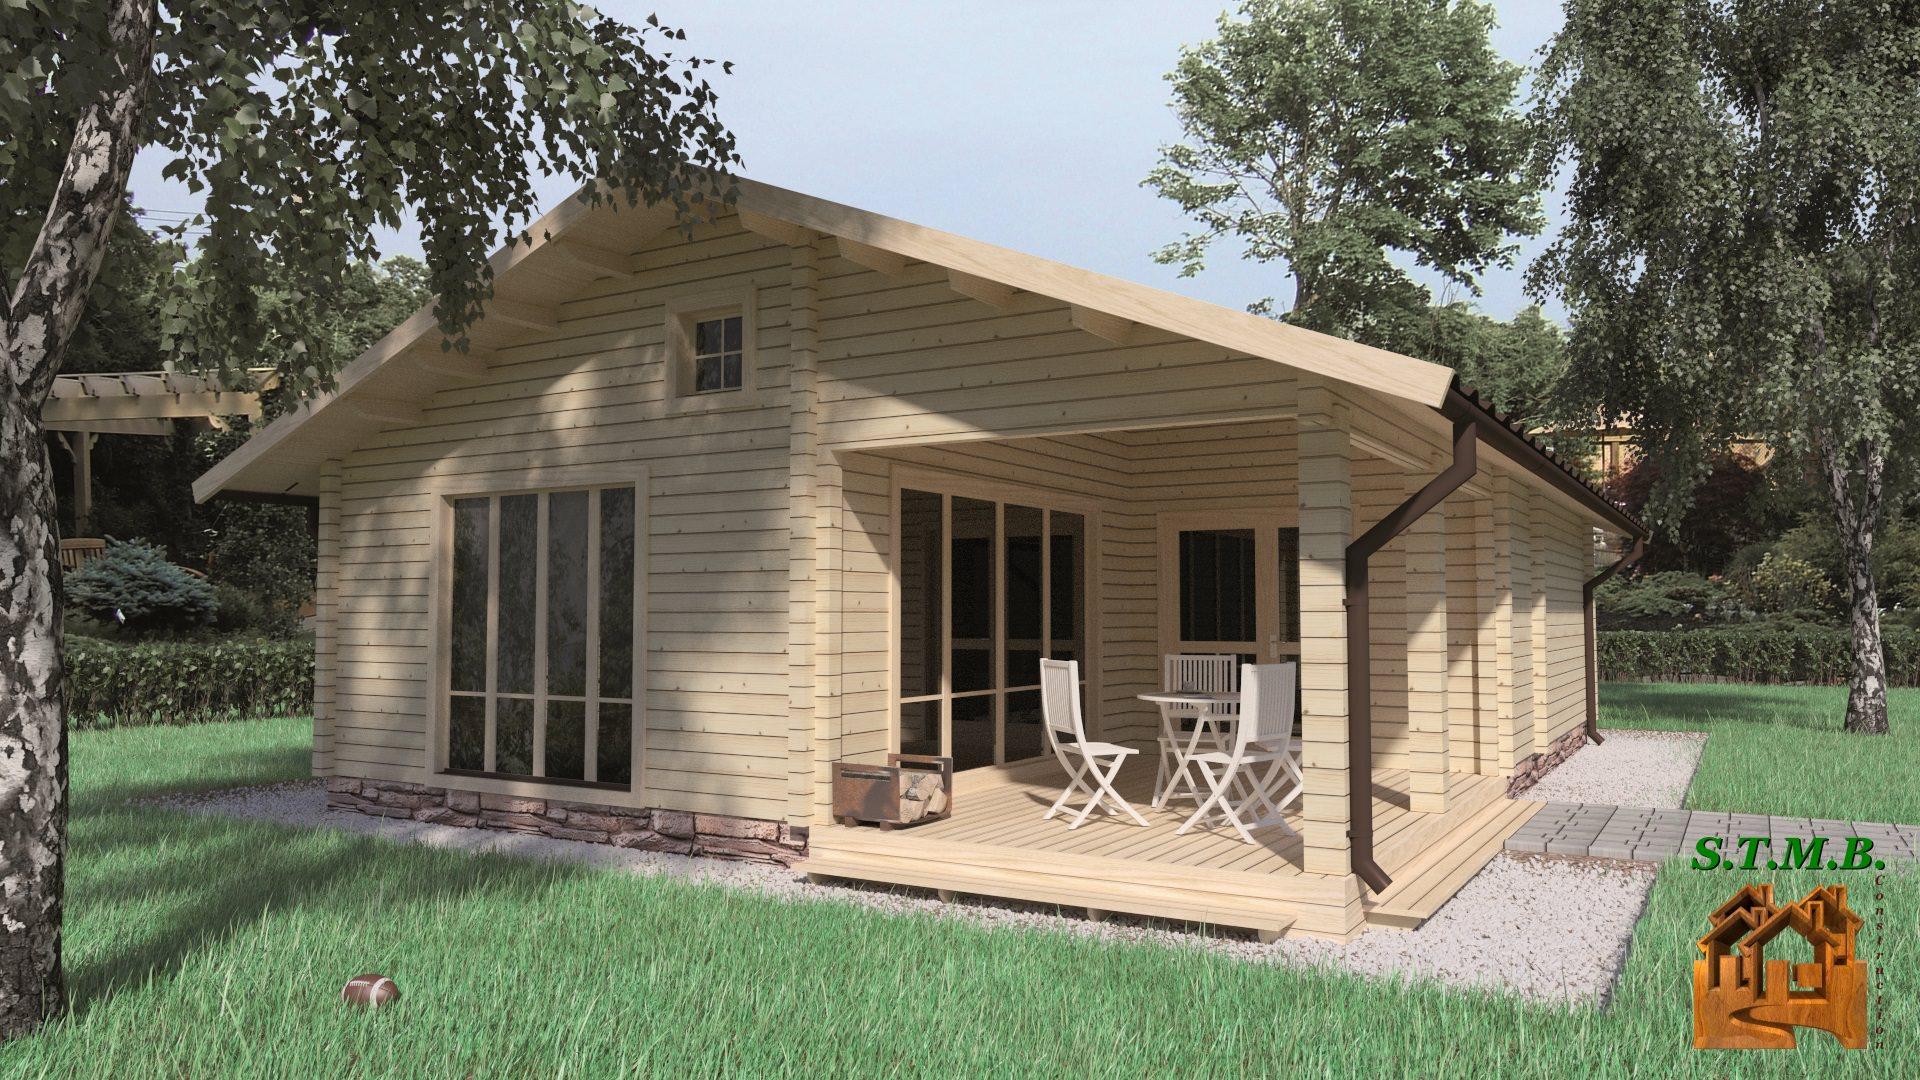 Constructeur Maison En Bois Limoges chalet en bois habitable gap 88, une véritable maison bois